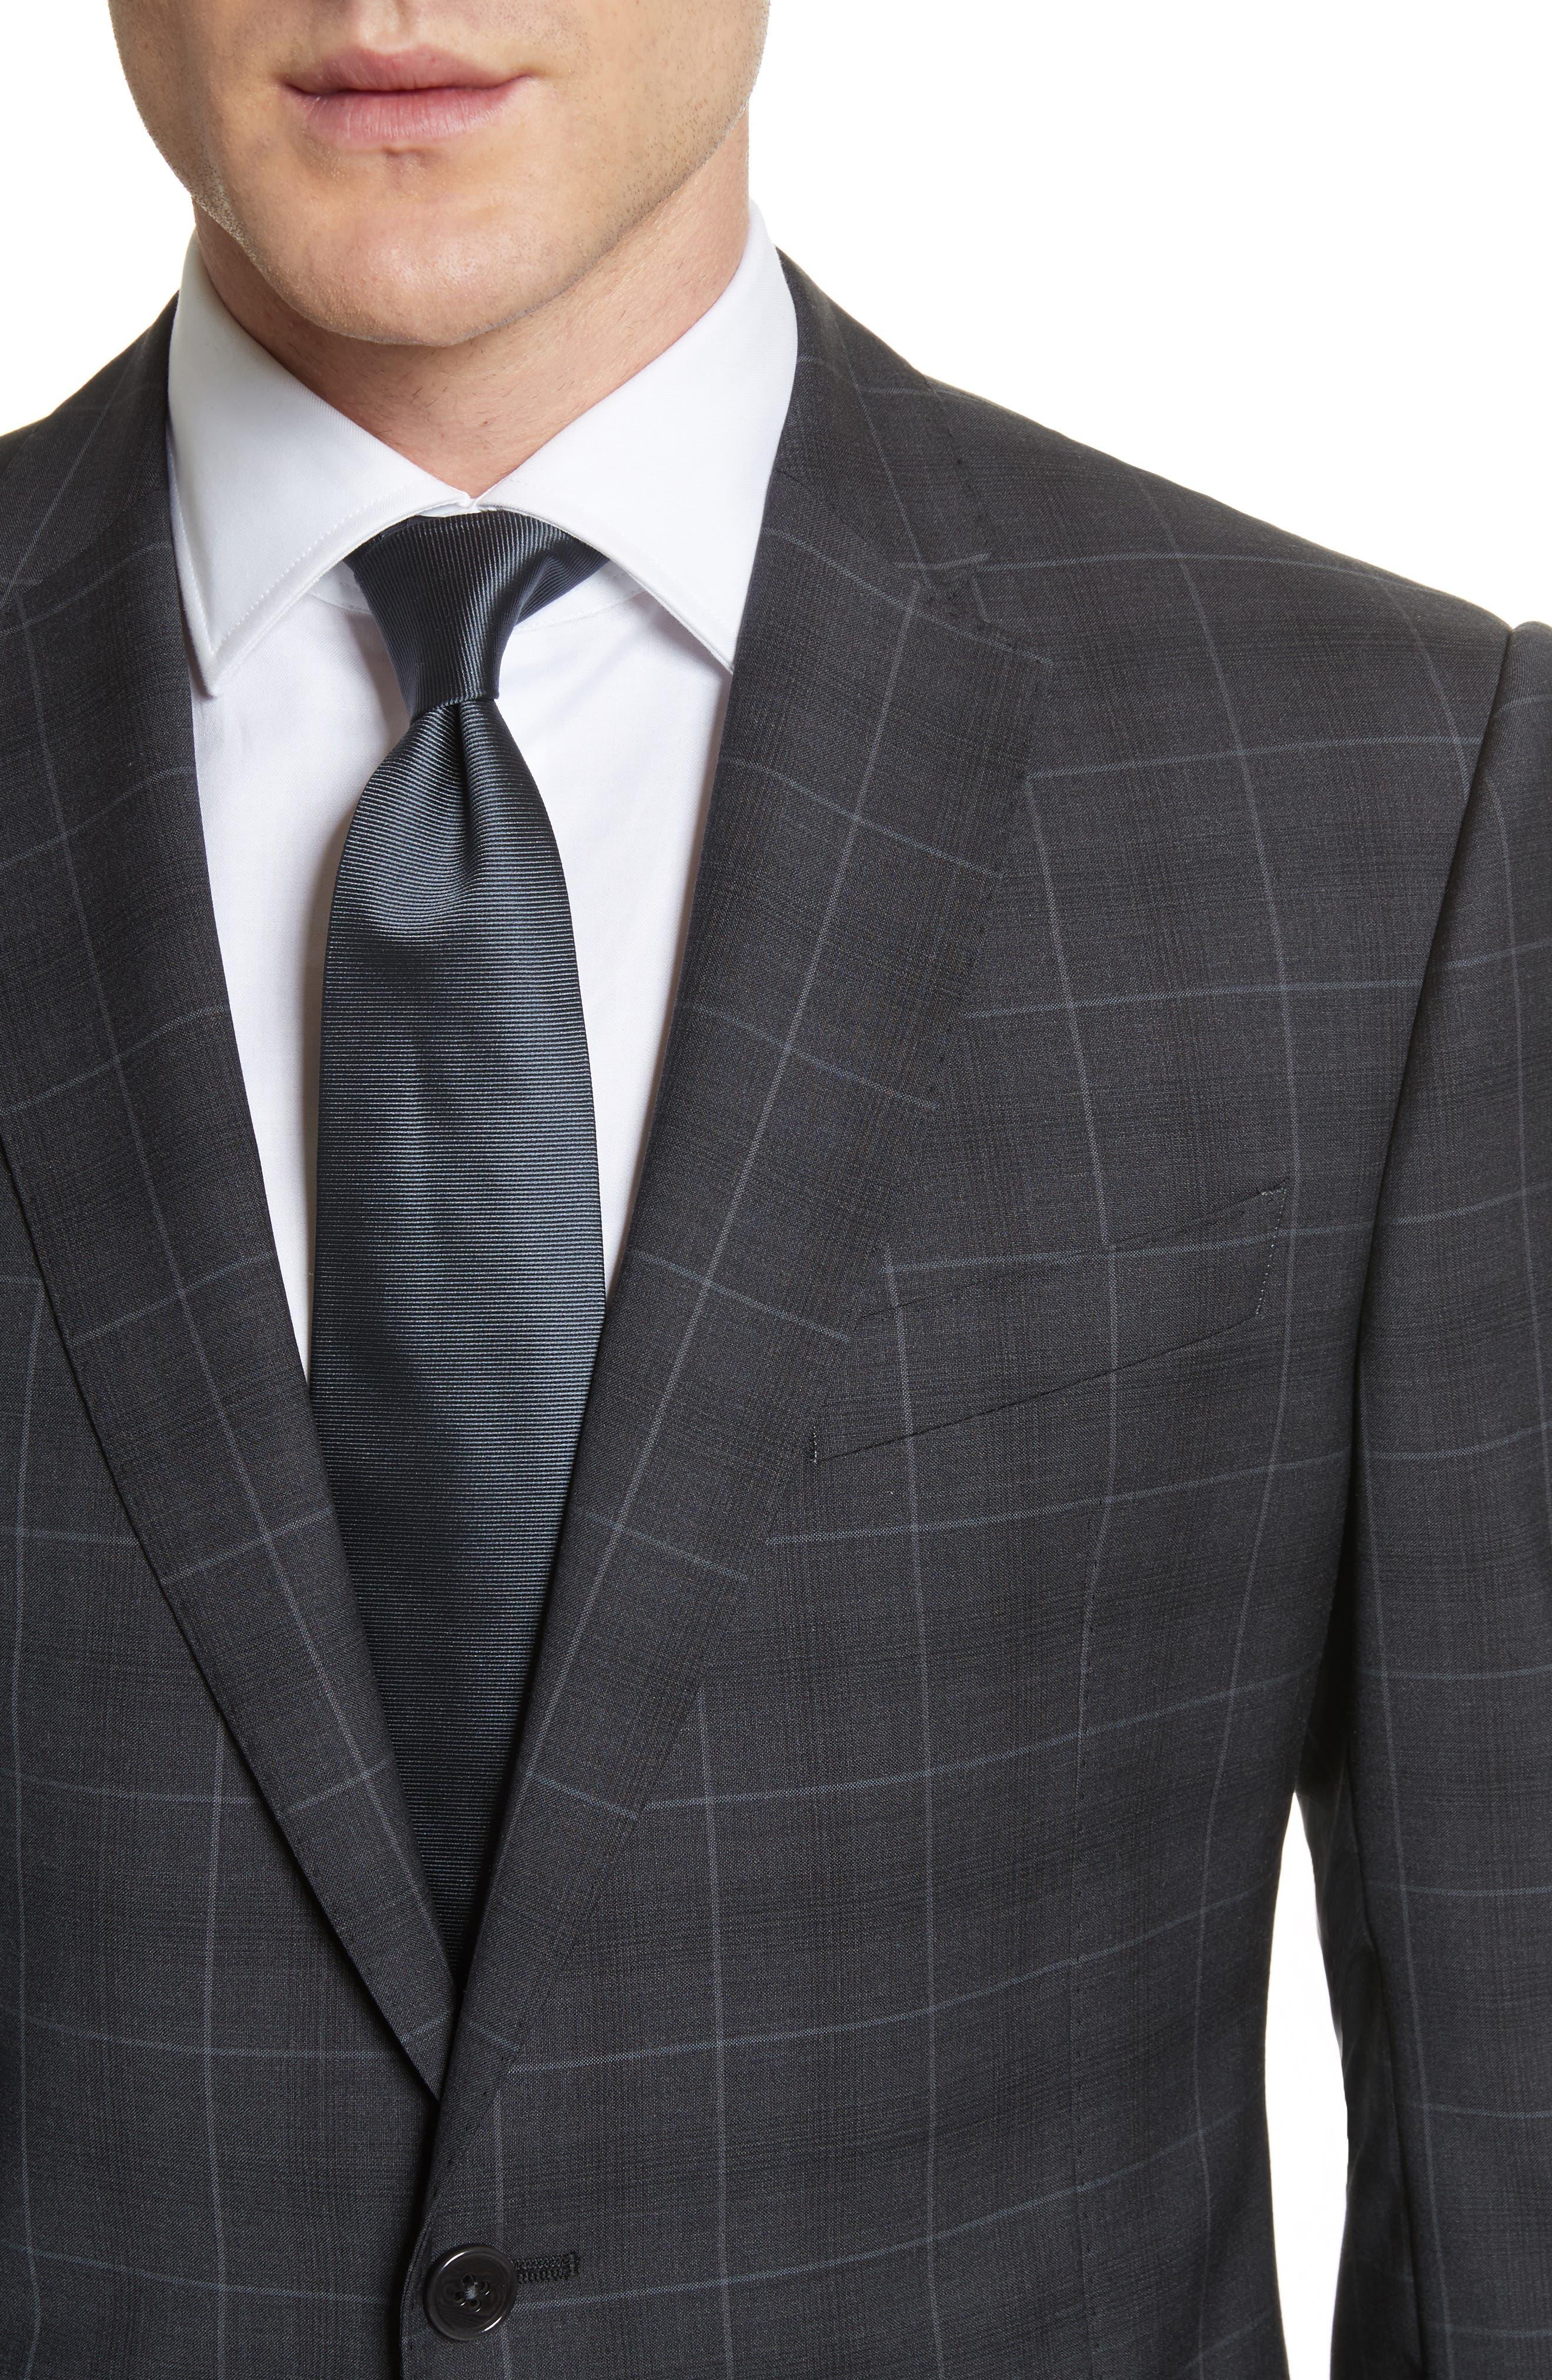 M-Line Trim Fit Plaid Wool Suit,                             Alternate thumbnail 4, color,                             Grey